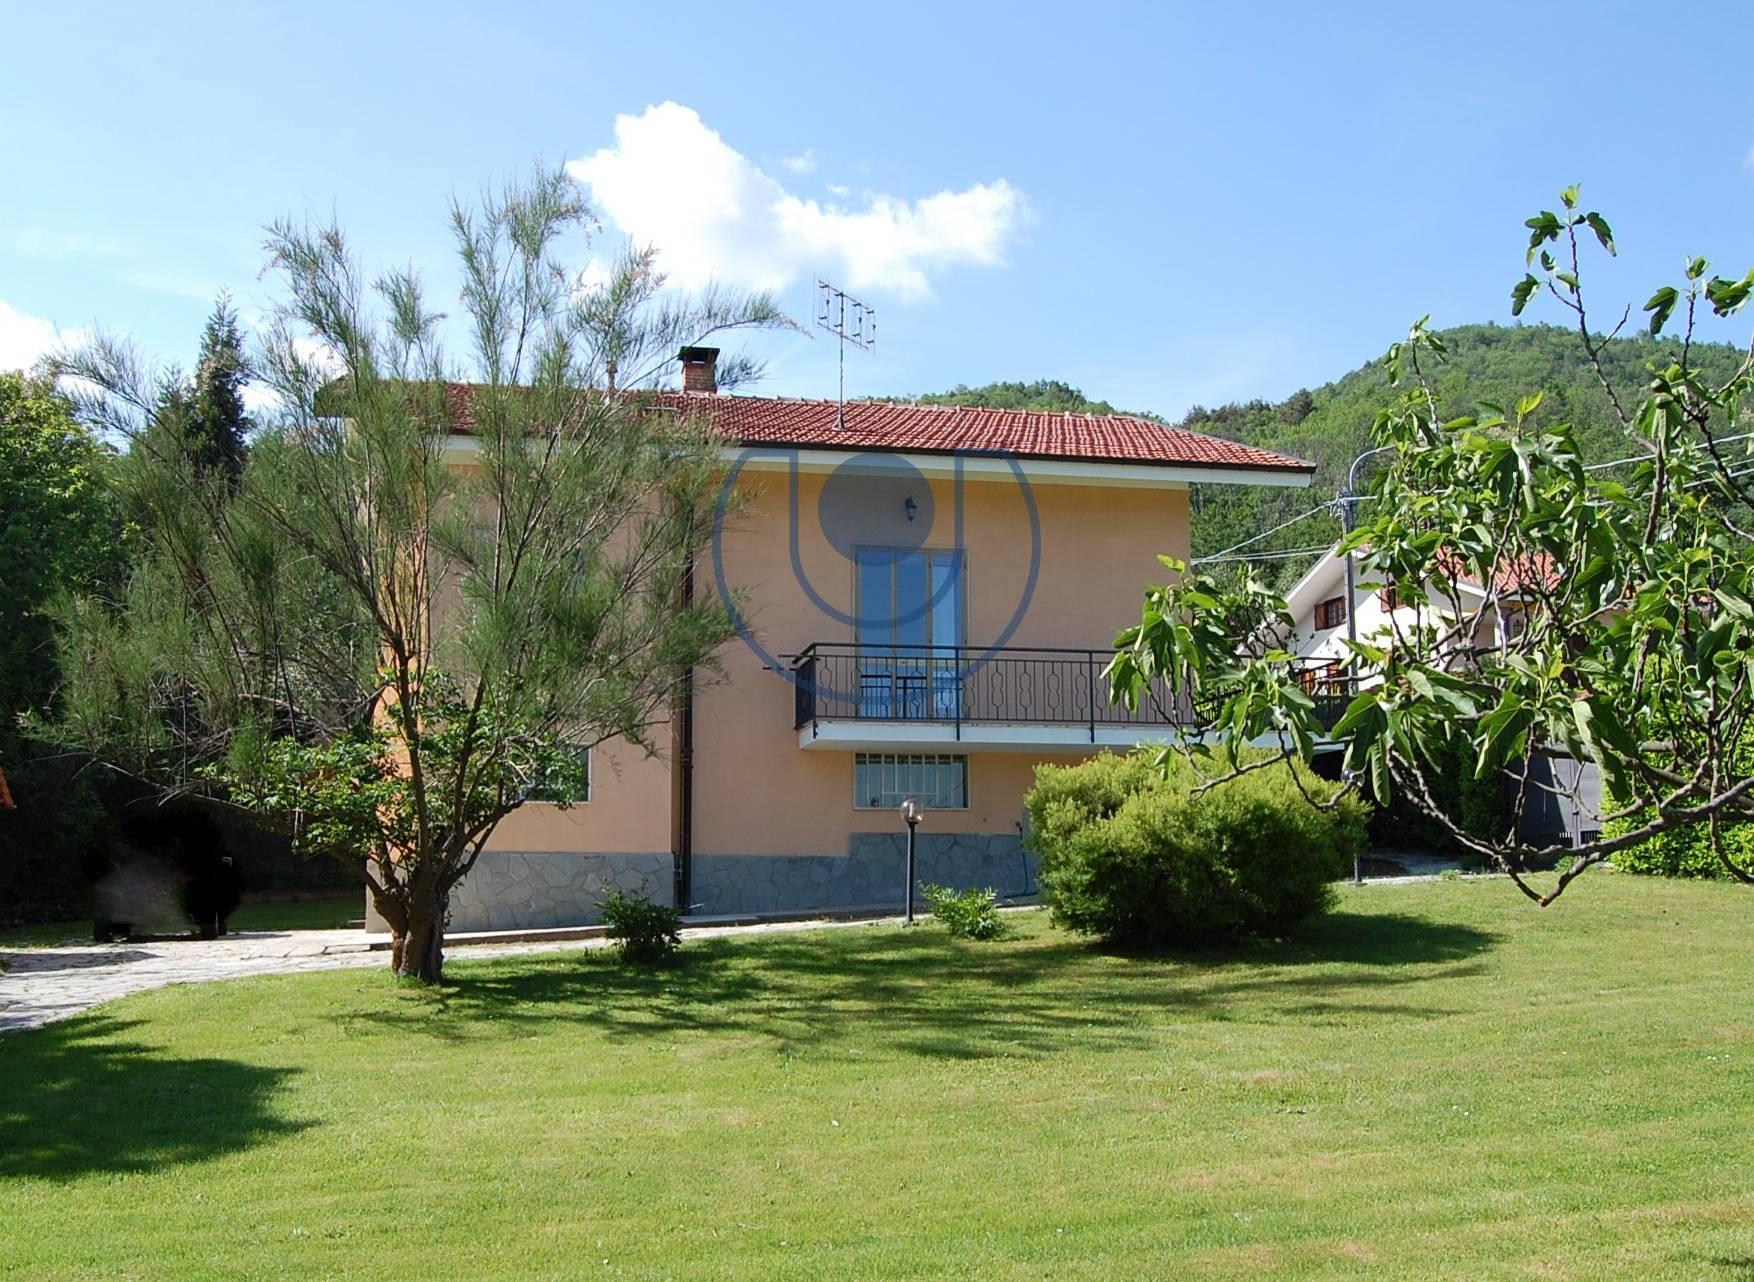 Villa in vendita a Giaveno, 9 locali, zona Località: Villanova, prezzo € 355.000 | PortaleAgenzieImmobiliari.it